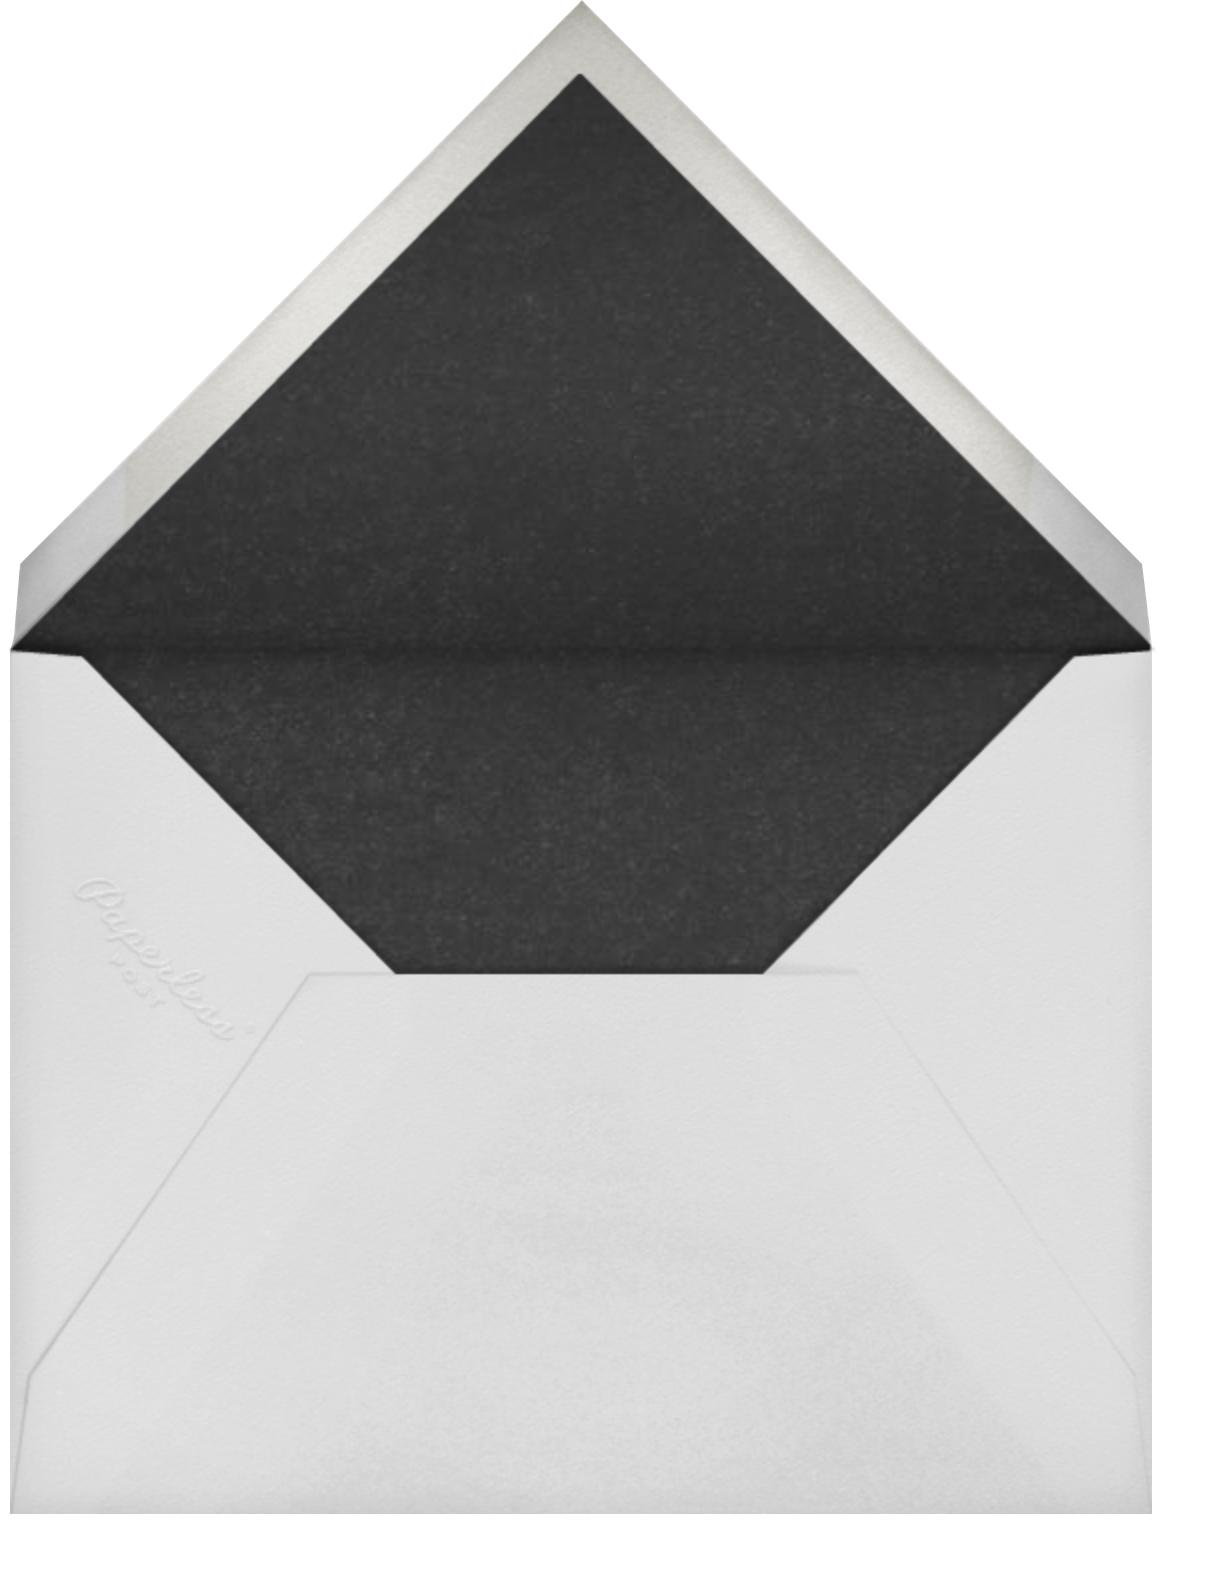 Gradient Border - Black - Paperless Post - null - envelope back